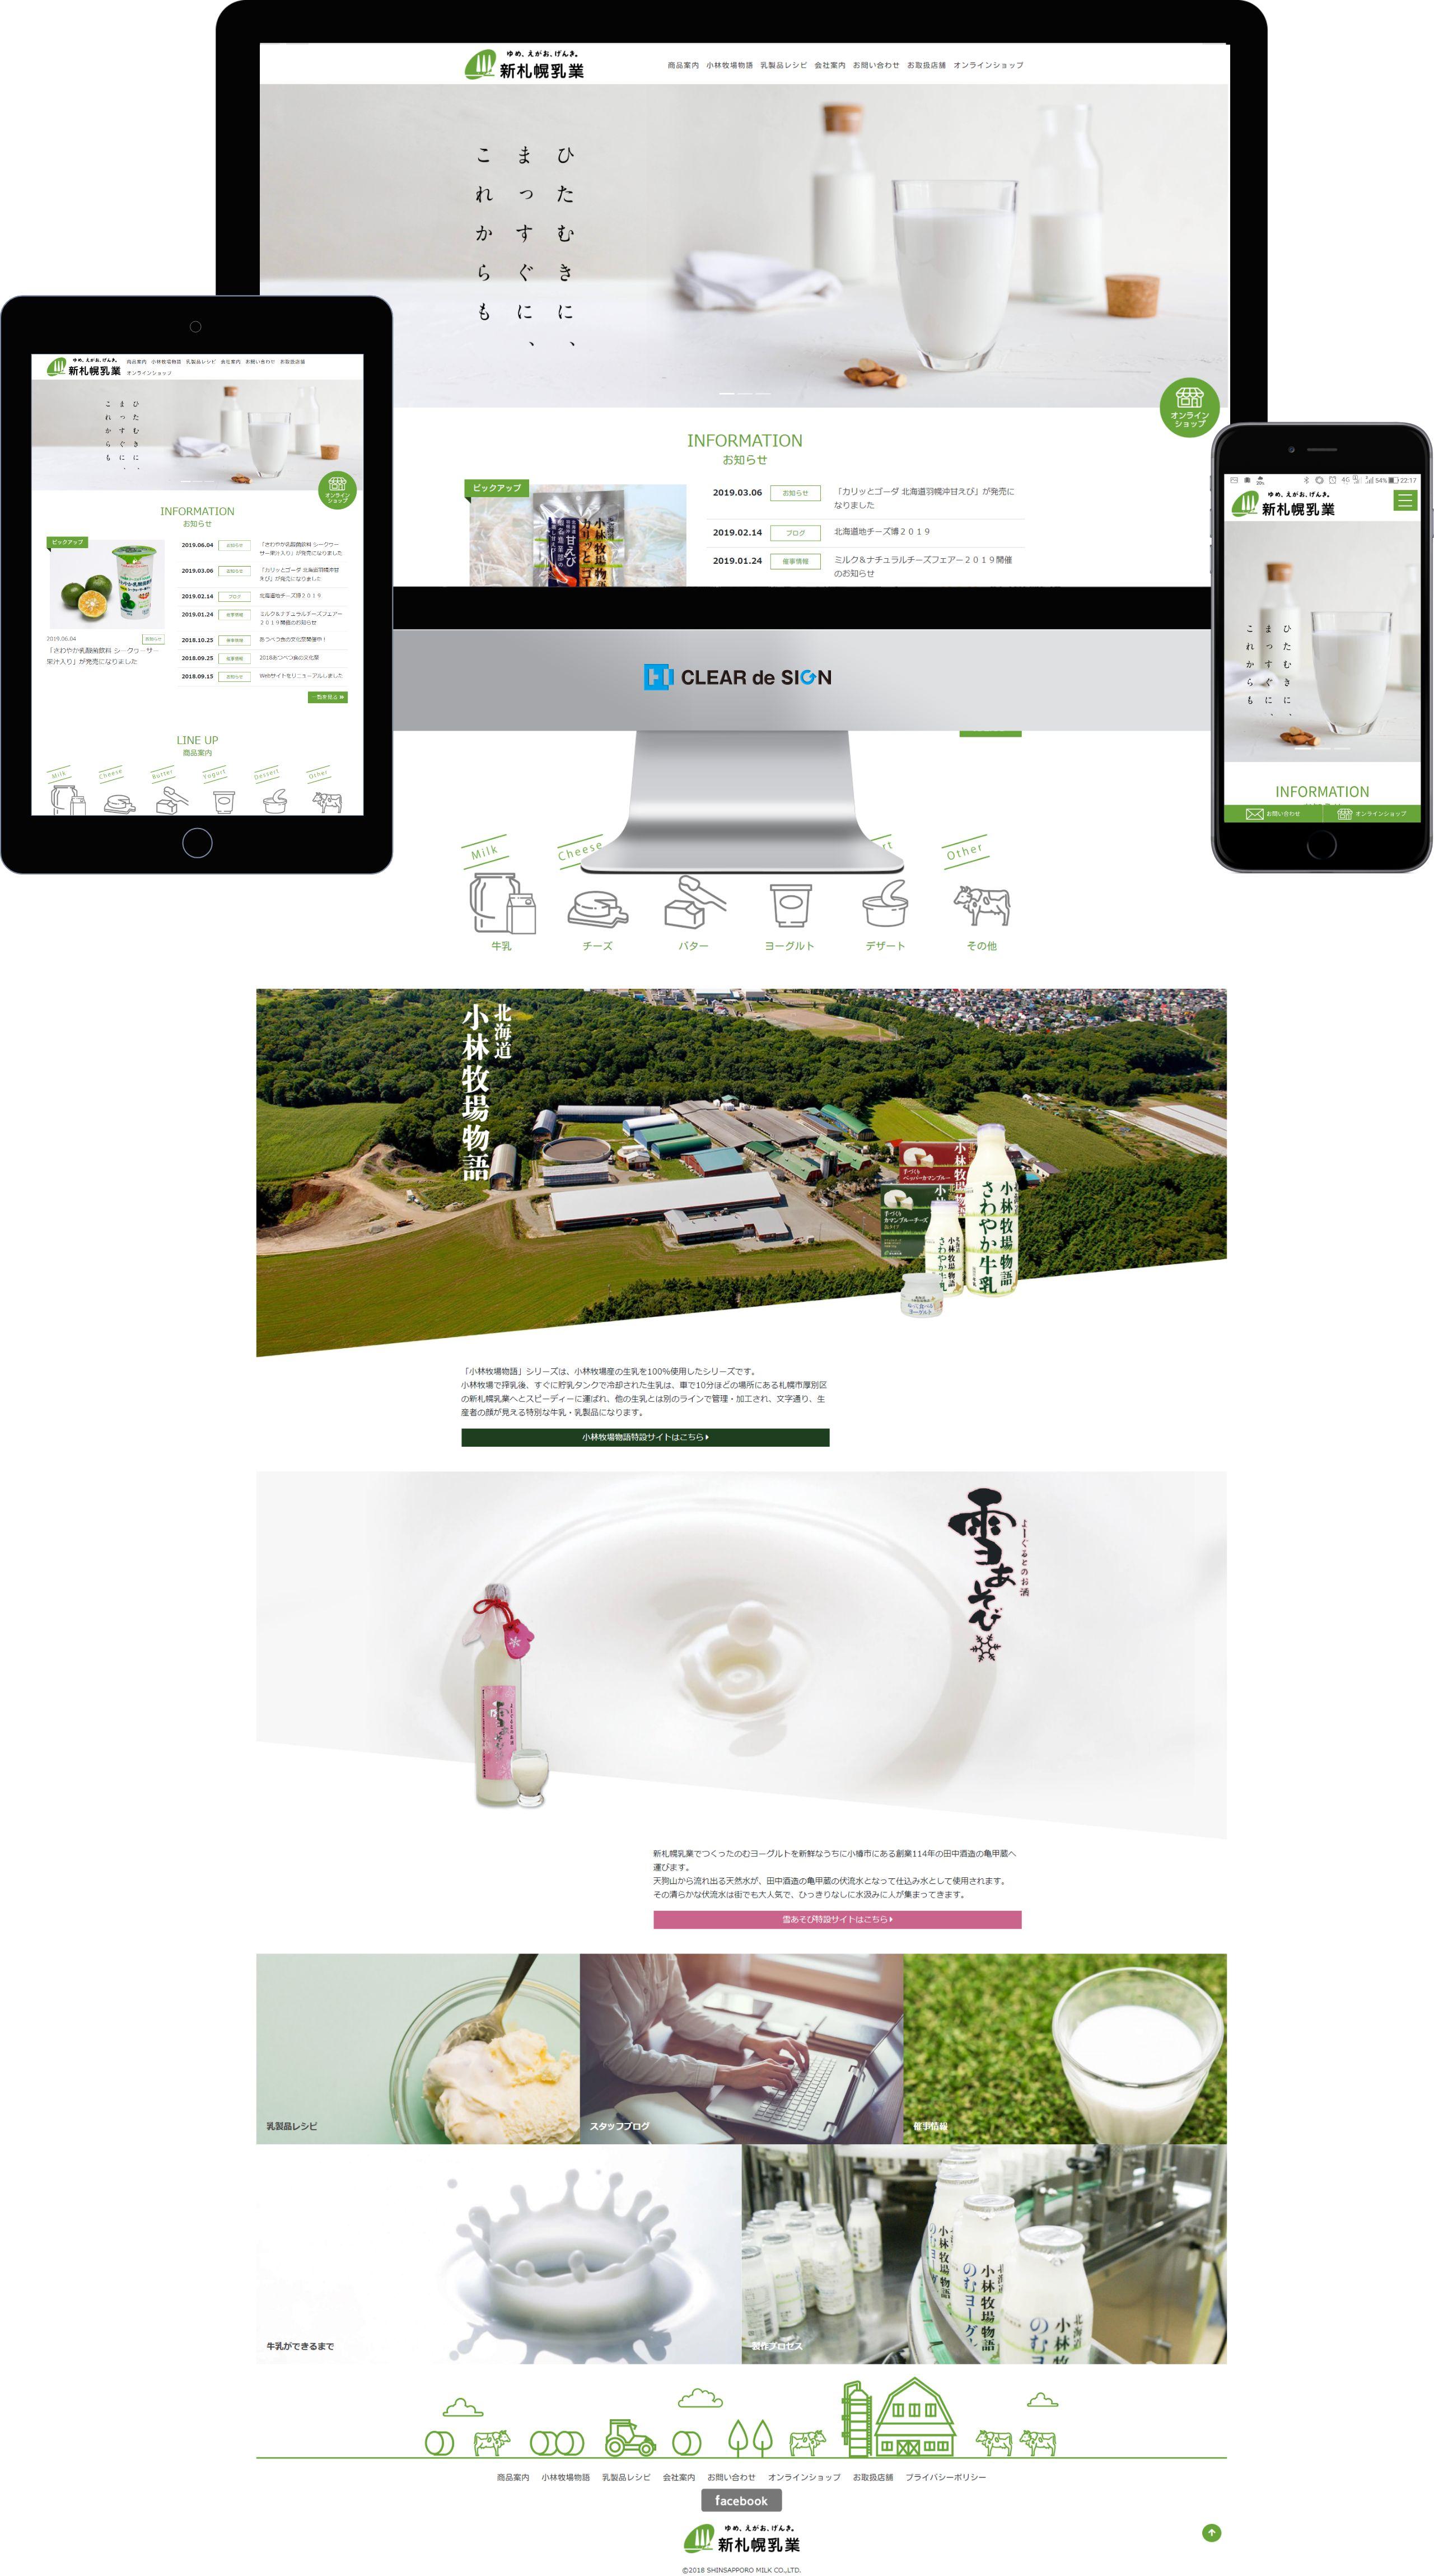 新札幌乳業株式会社